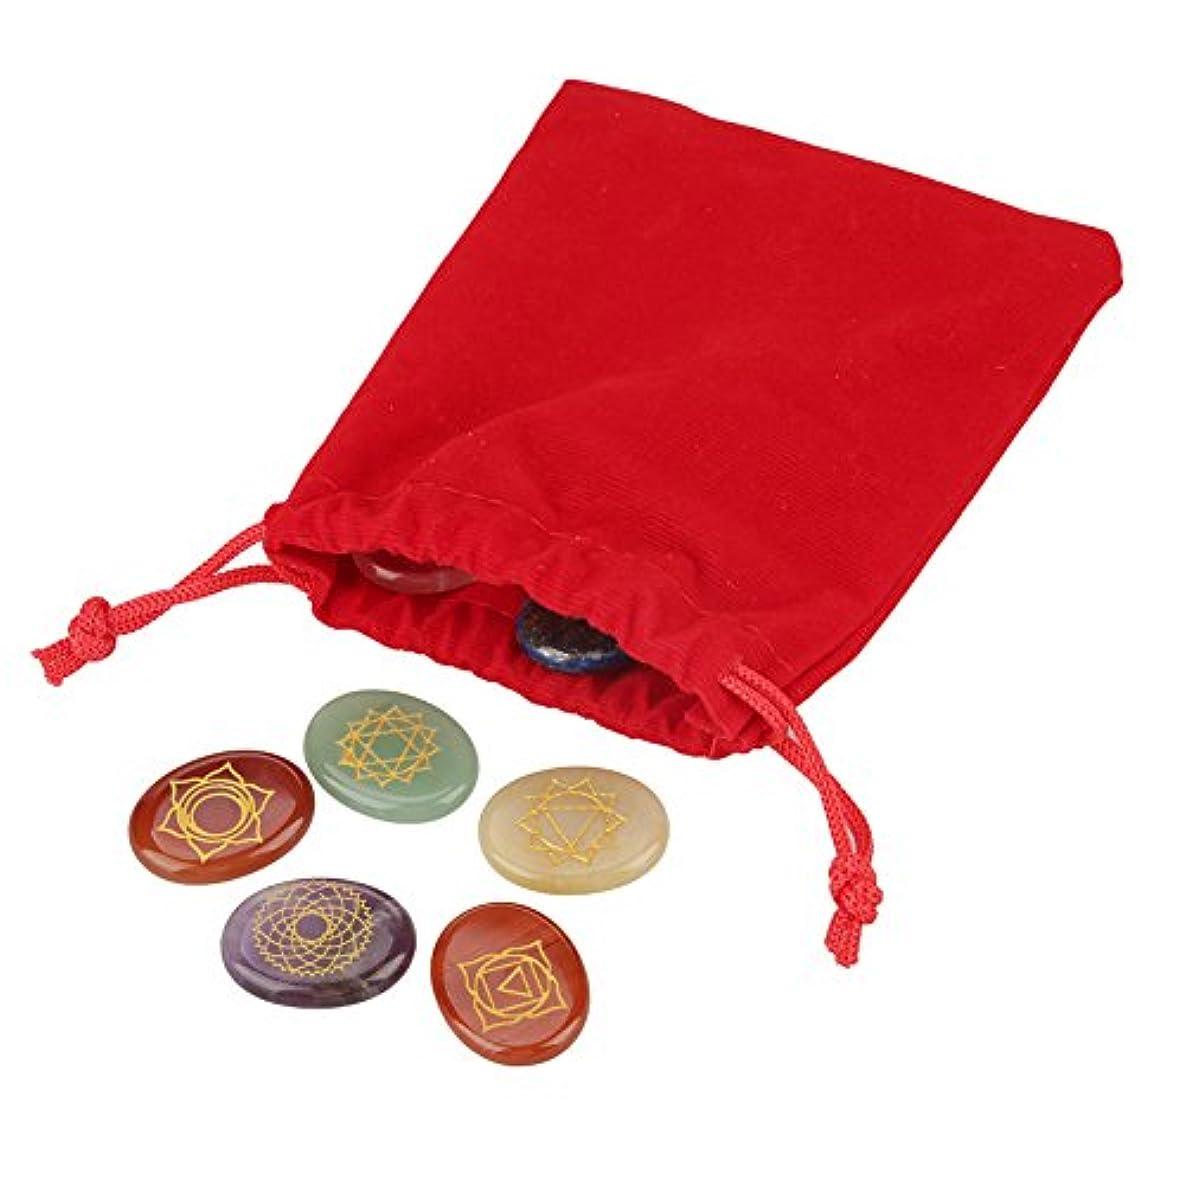 ピルバレーボールライトニング7個/セット刻印チャクラストーンとフランネルバッグ(黒または赤)、刻印スピリチュアルヒーリング瞑想パームストーンレイキチャクラクリスタル